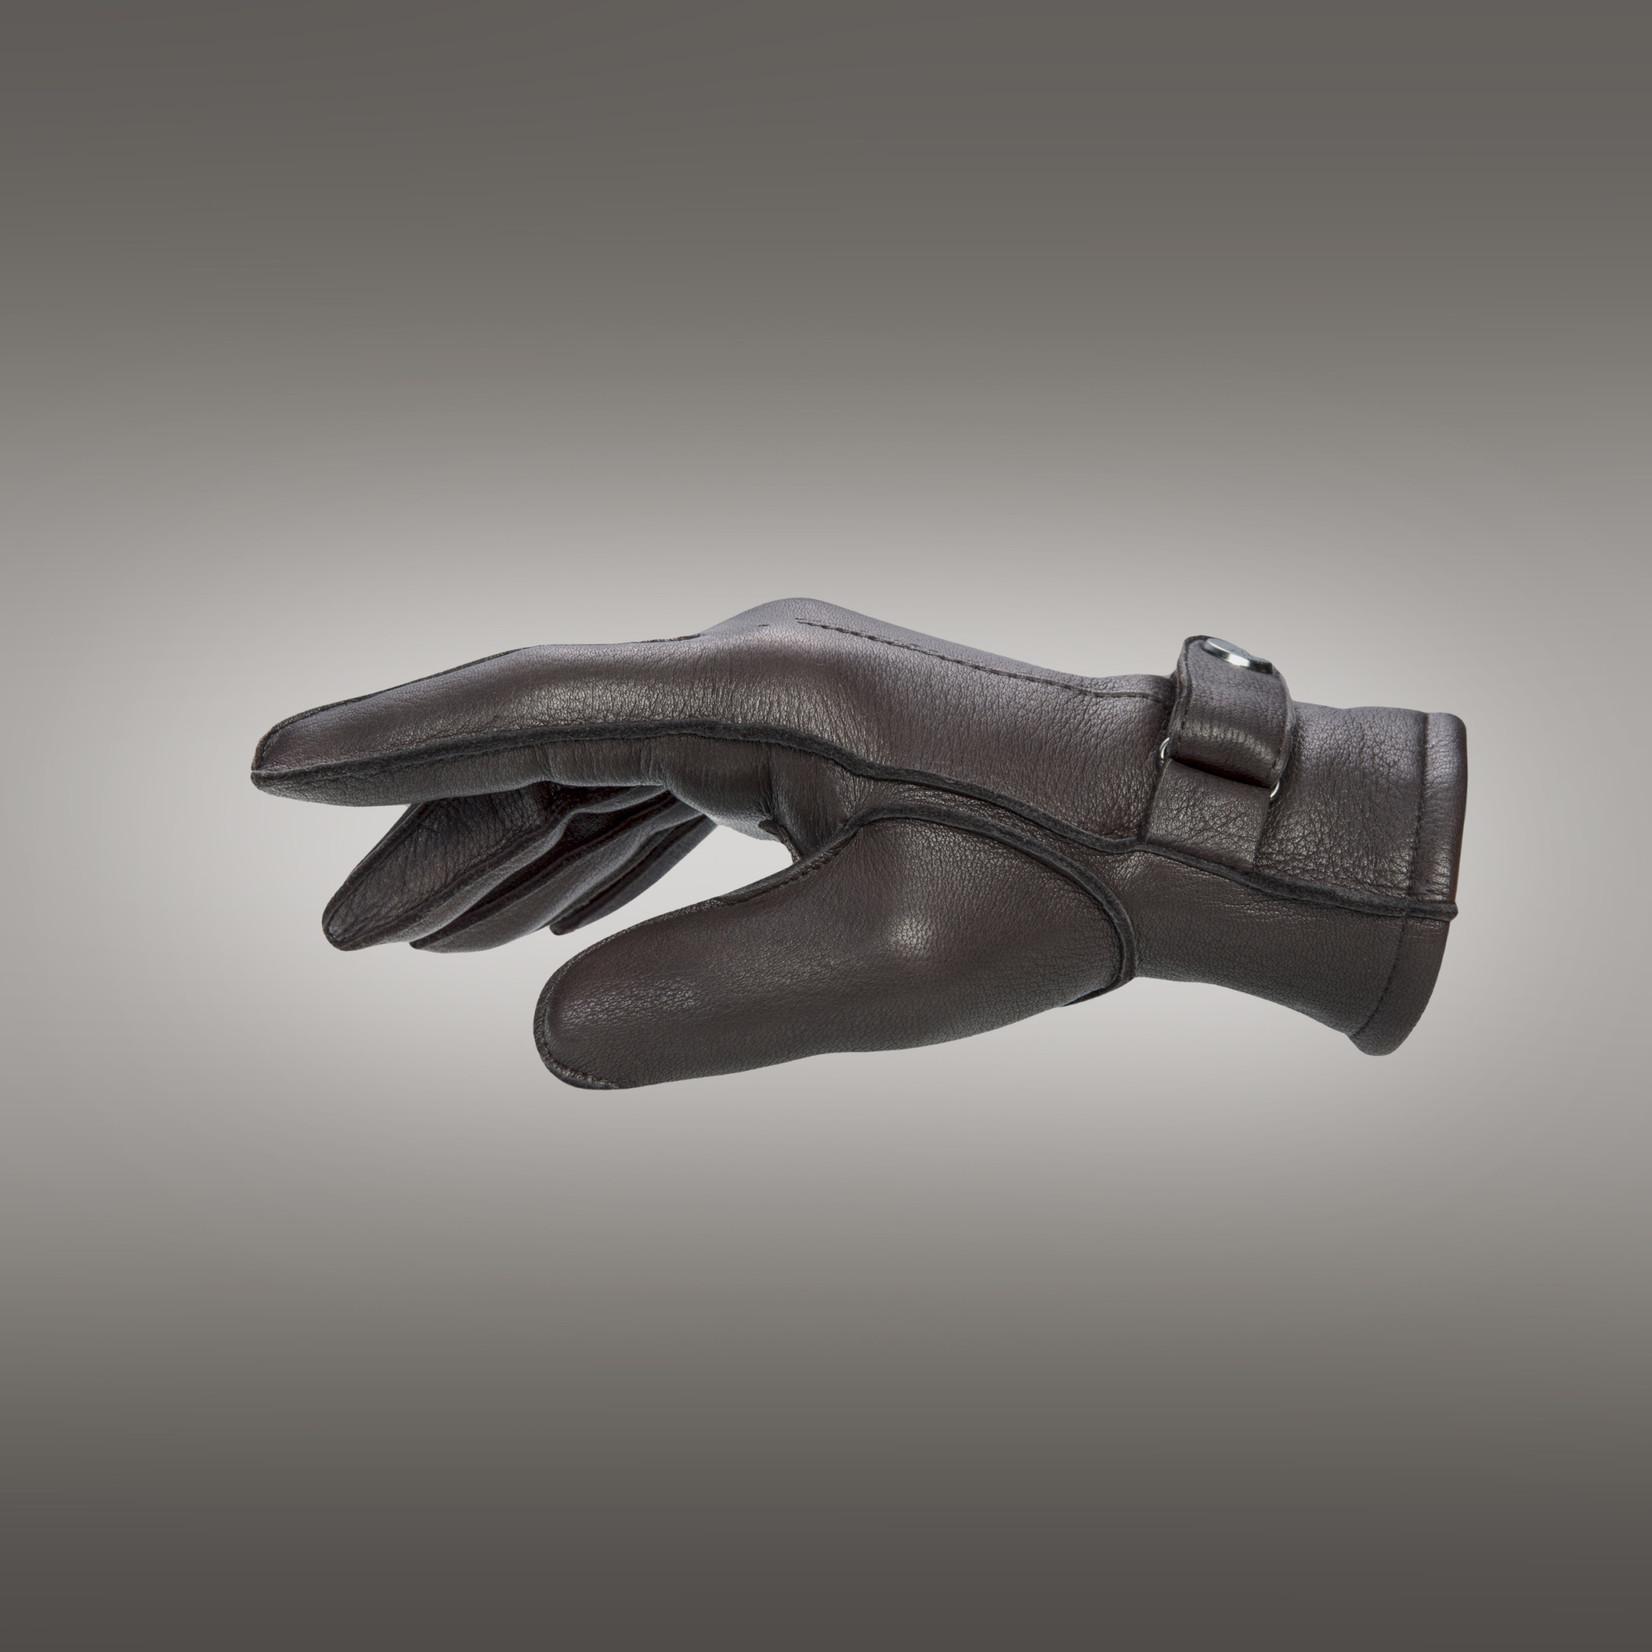 Pearlwood Henry handschoen bruin